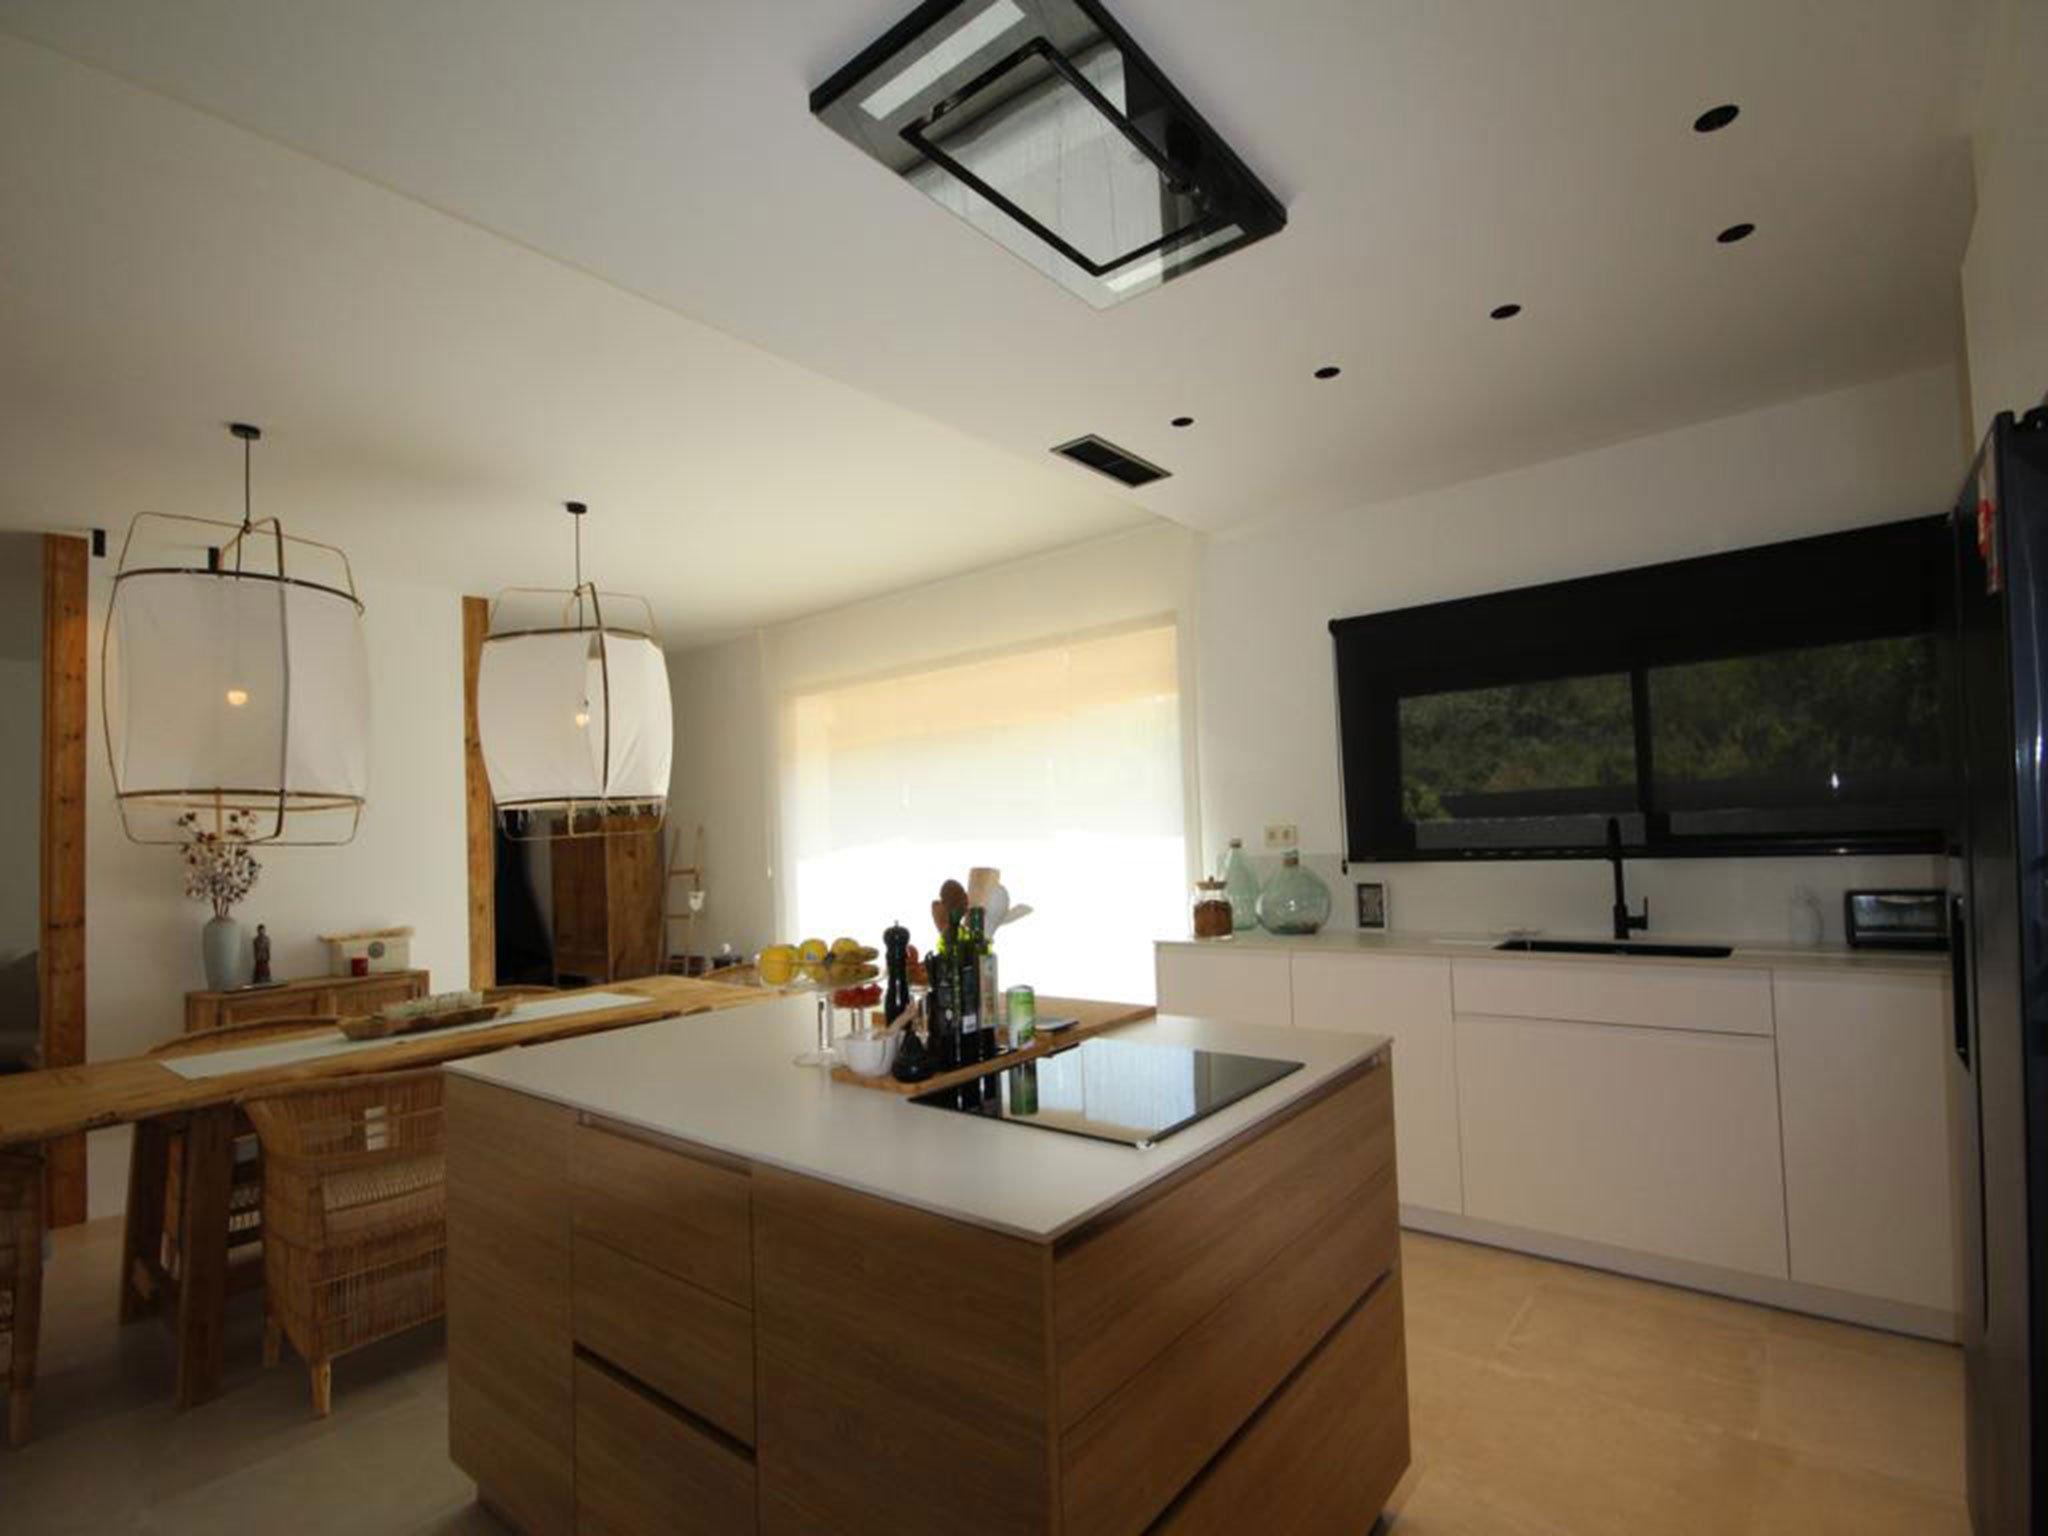 Isla de la cocina en un chalet de nueva construcción en venta en Jávea – Atina Inmobiliaria